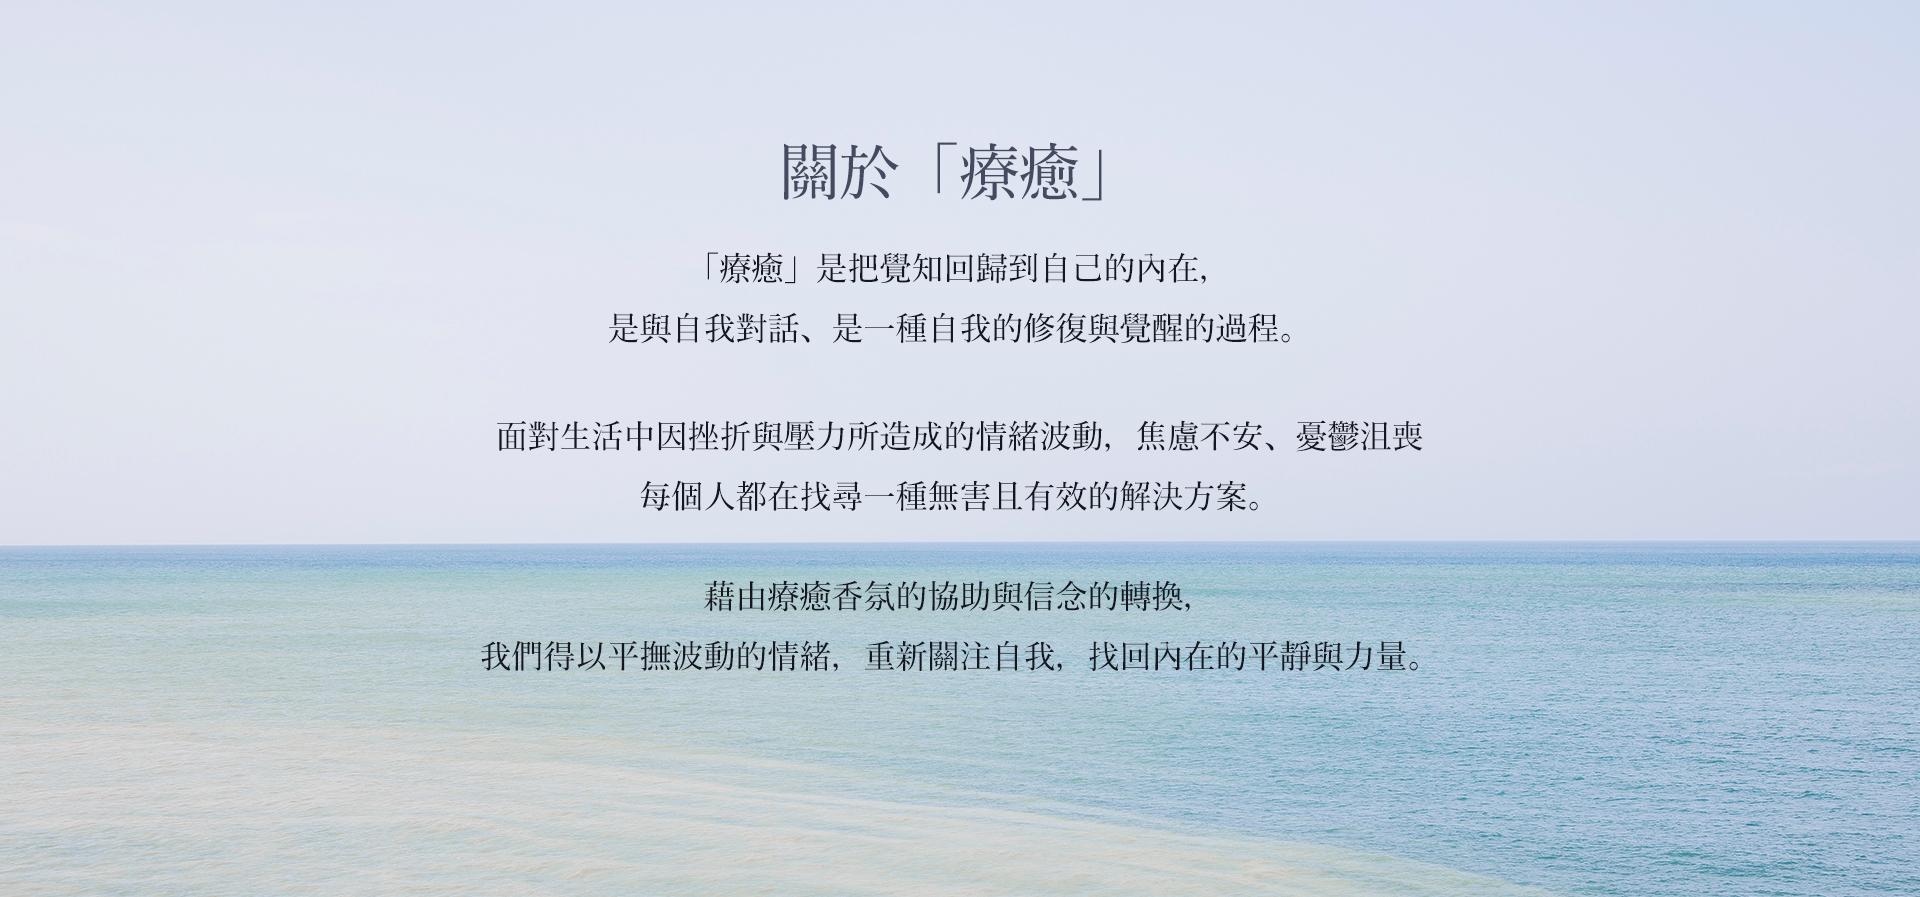 療癒香氛介紹.jpg